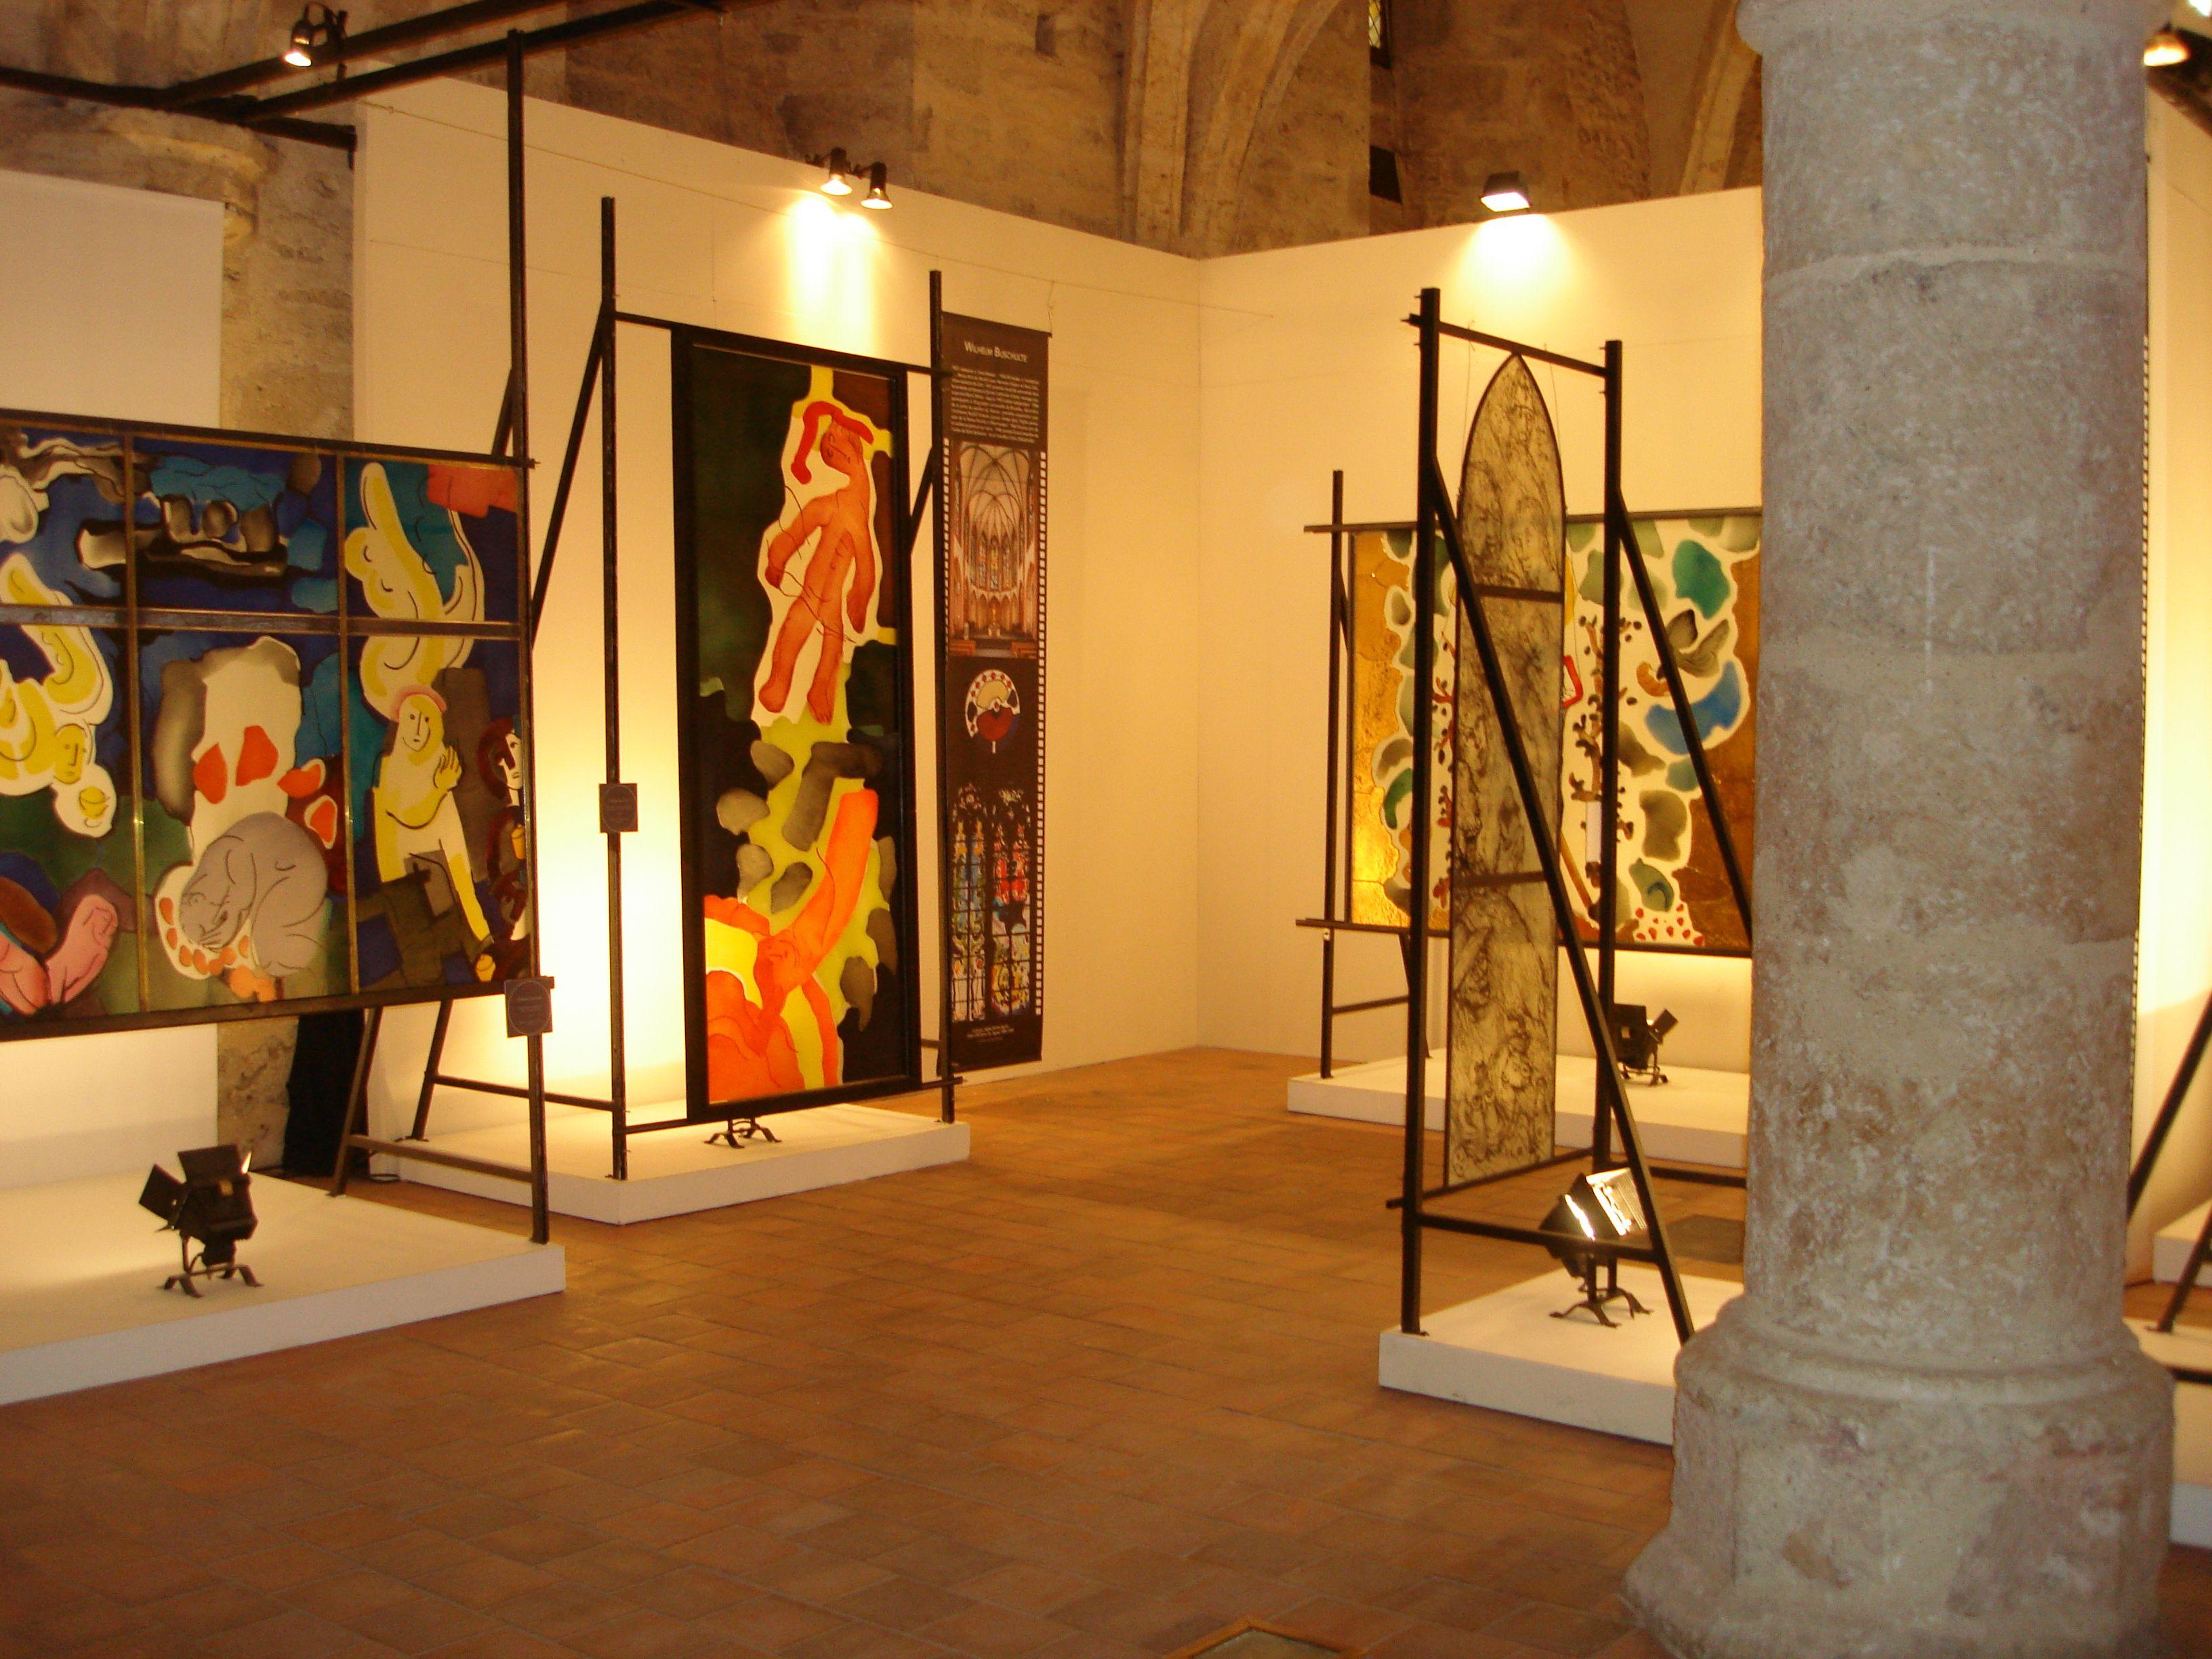 Civ exposition art du vitrail en allemagne cr dits office de tourisme de chartres jpg 3264 - Office tourisme allemagne ...